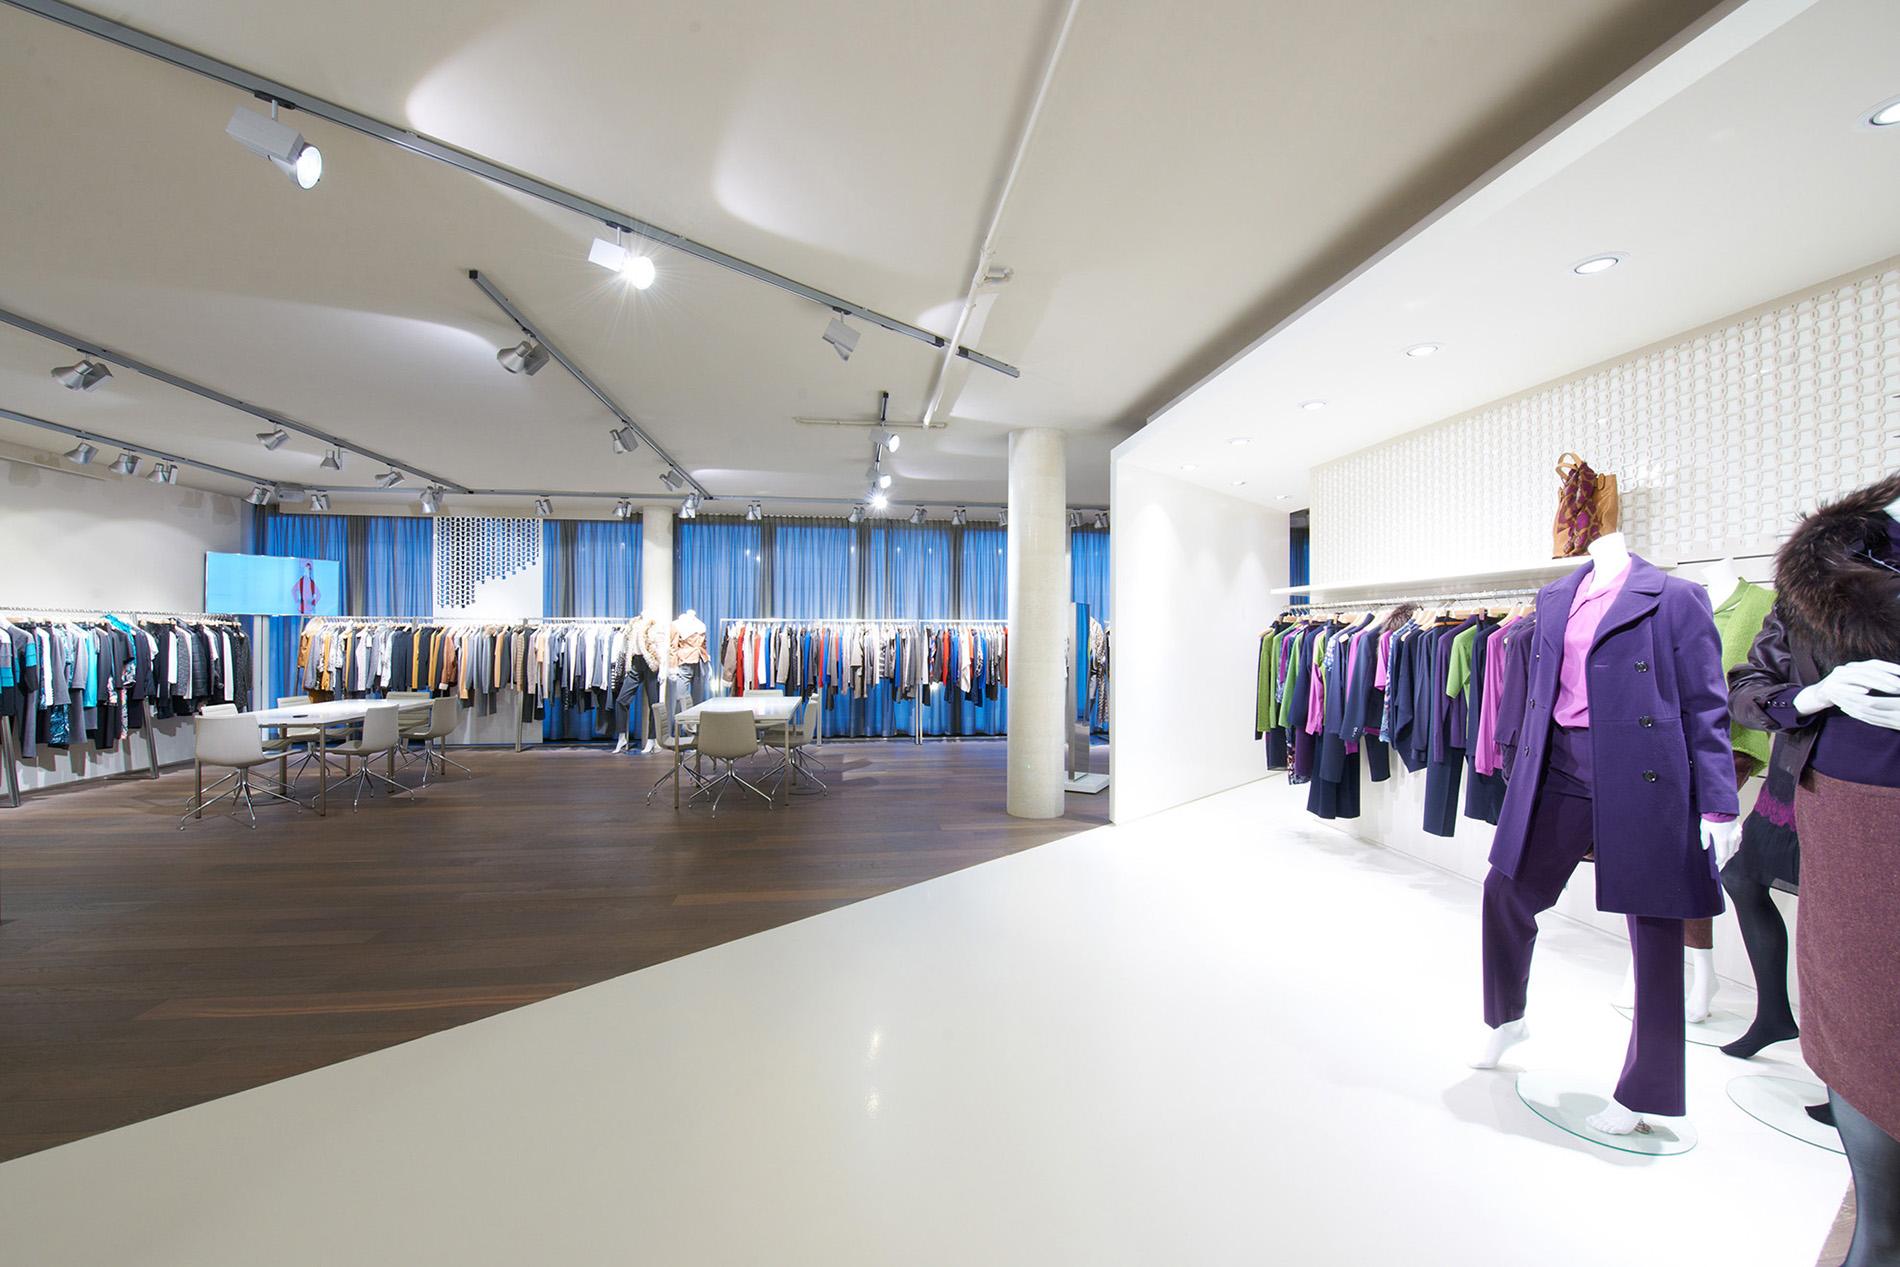 Fotodesign-matthias-schütz-hauber-showroom-4